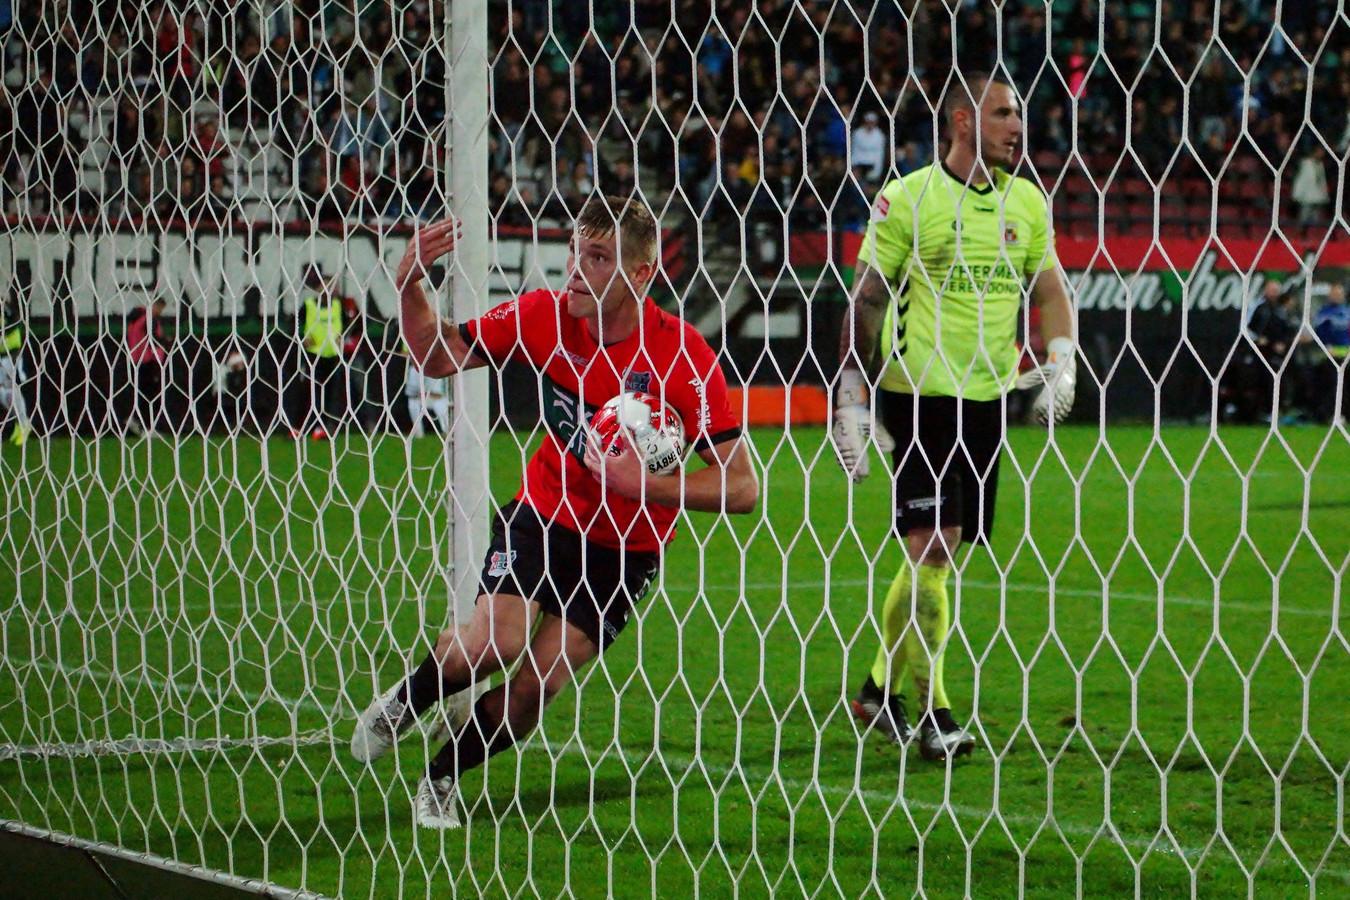 Zian Flemming van NEC haalt de bal uit het doel naar zijn benutte penalty op Hobie Verhulst van Go Ahead Eagles.